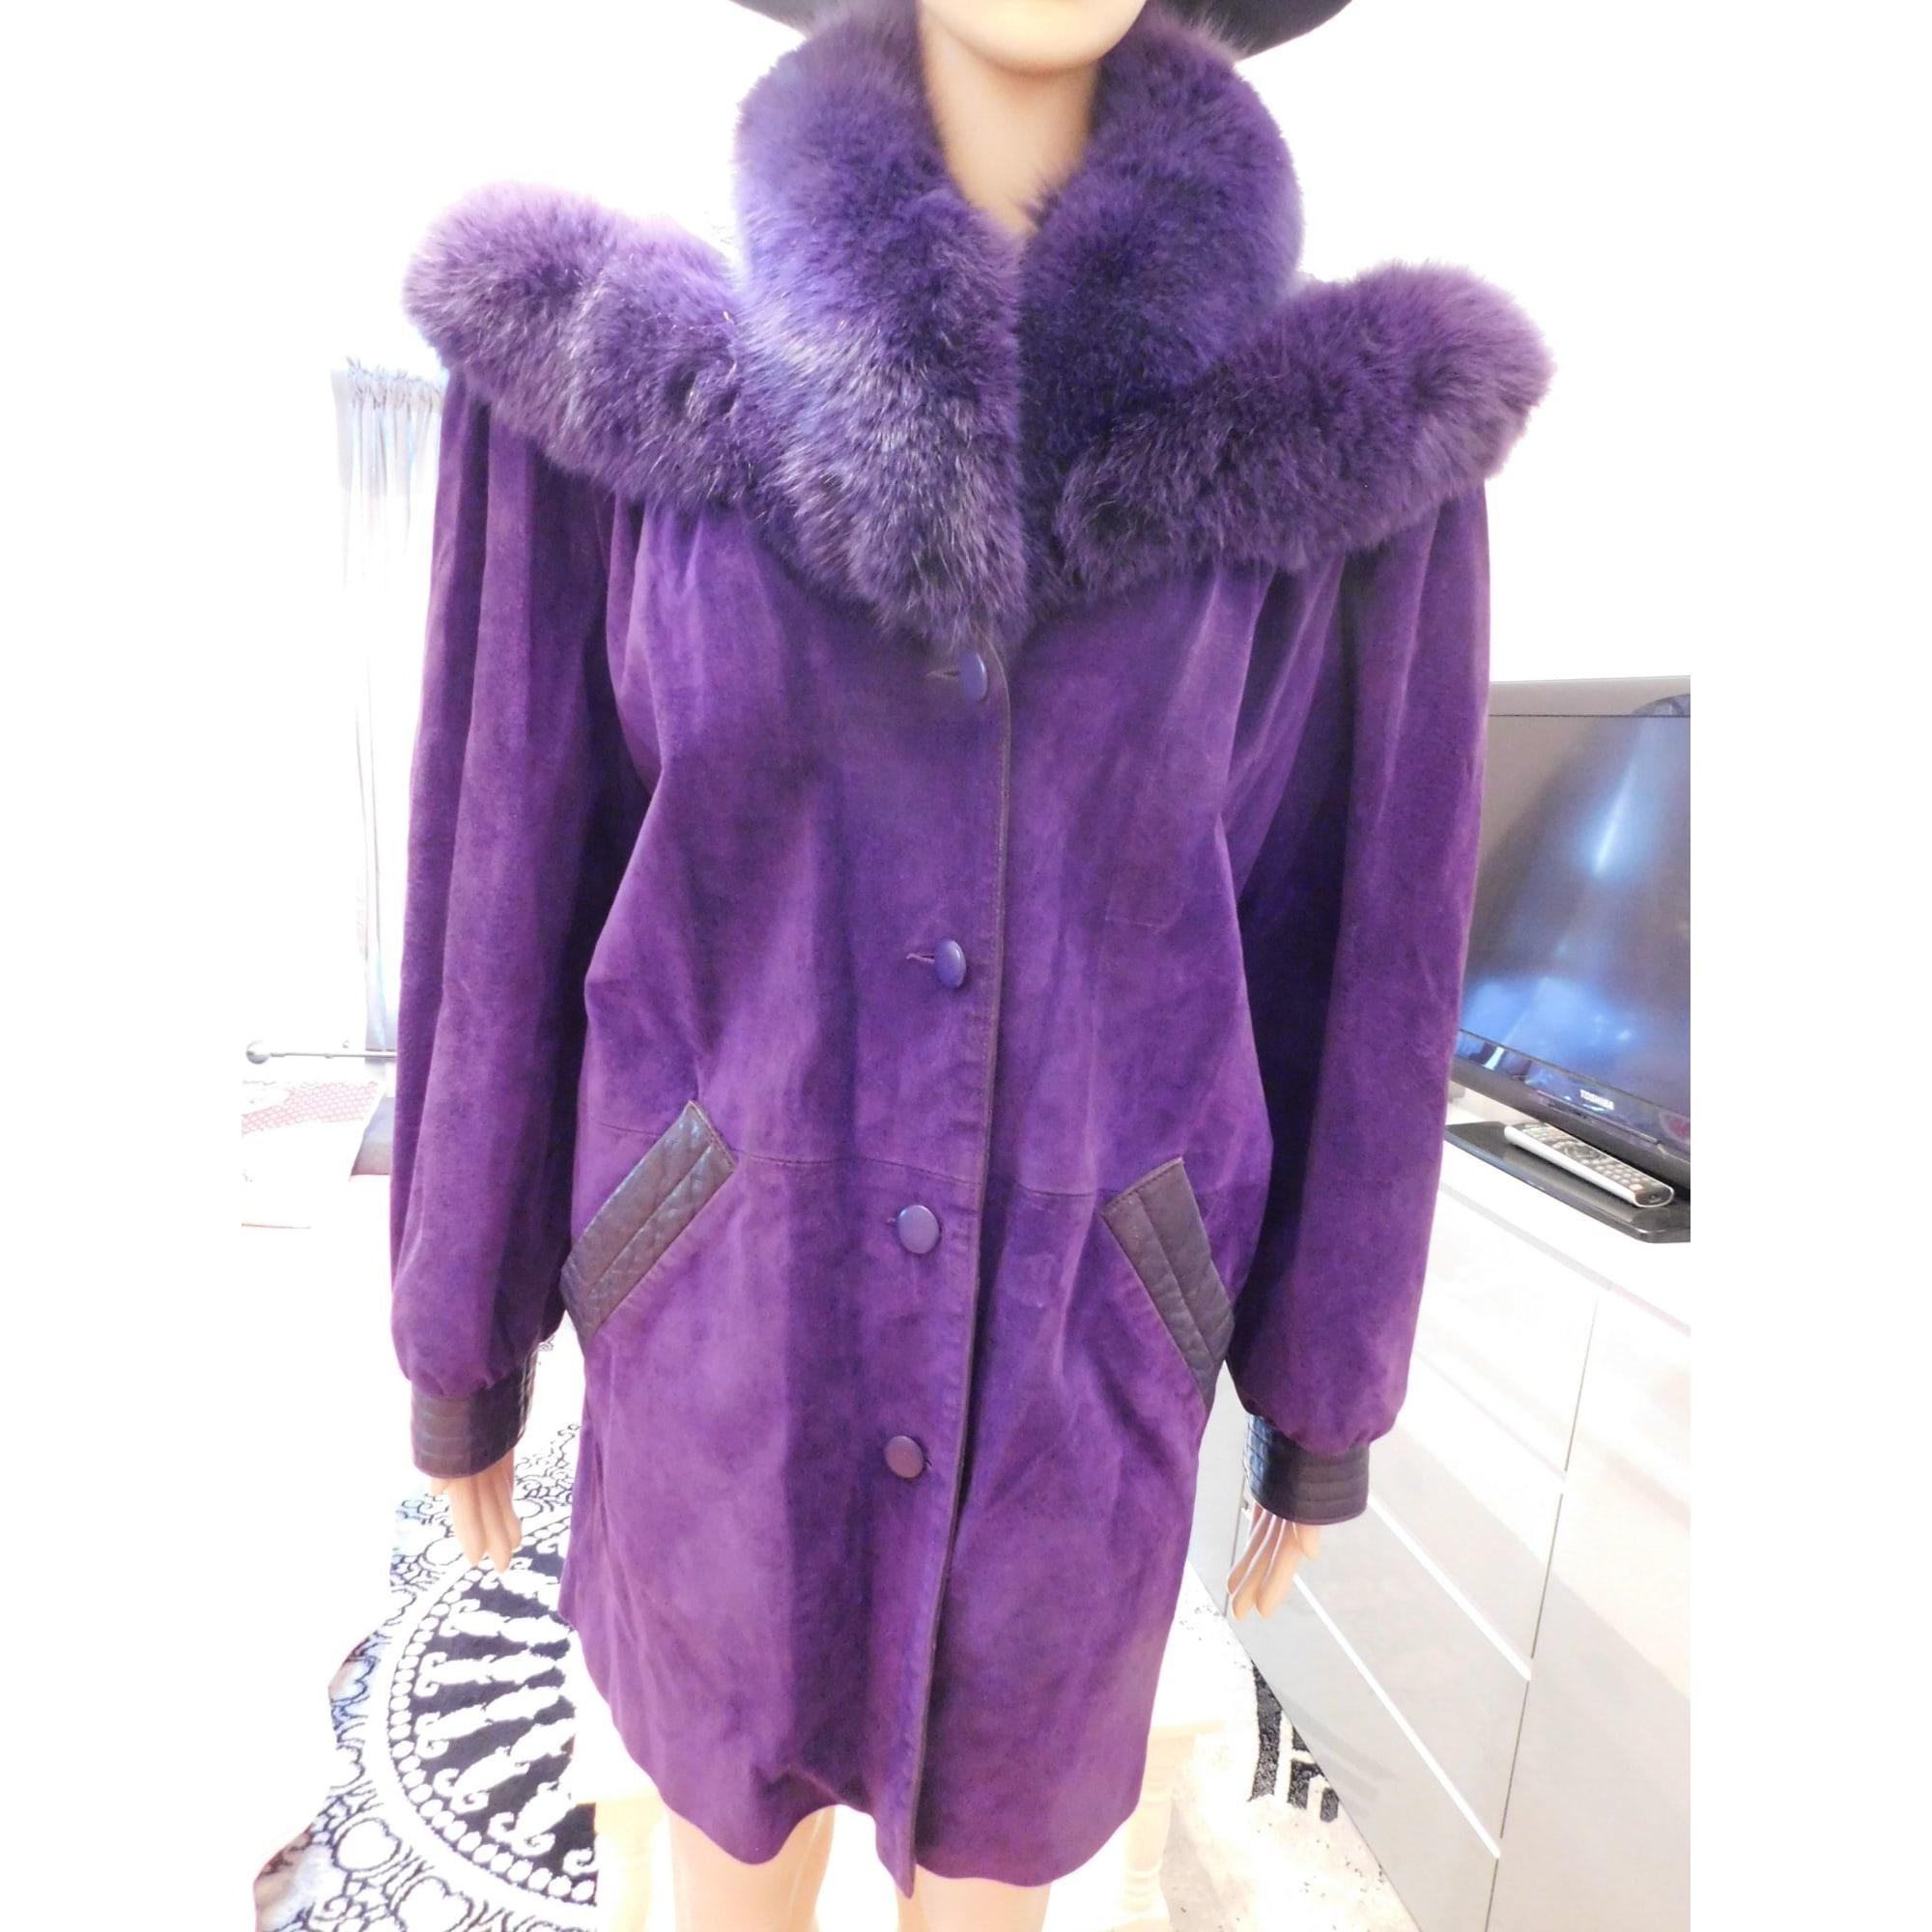 Blouson, veste en fourrure REGINAPARY Violet, mauve, lavande